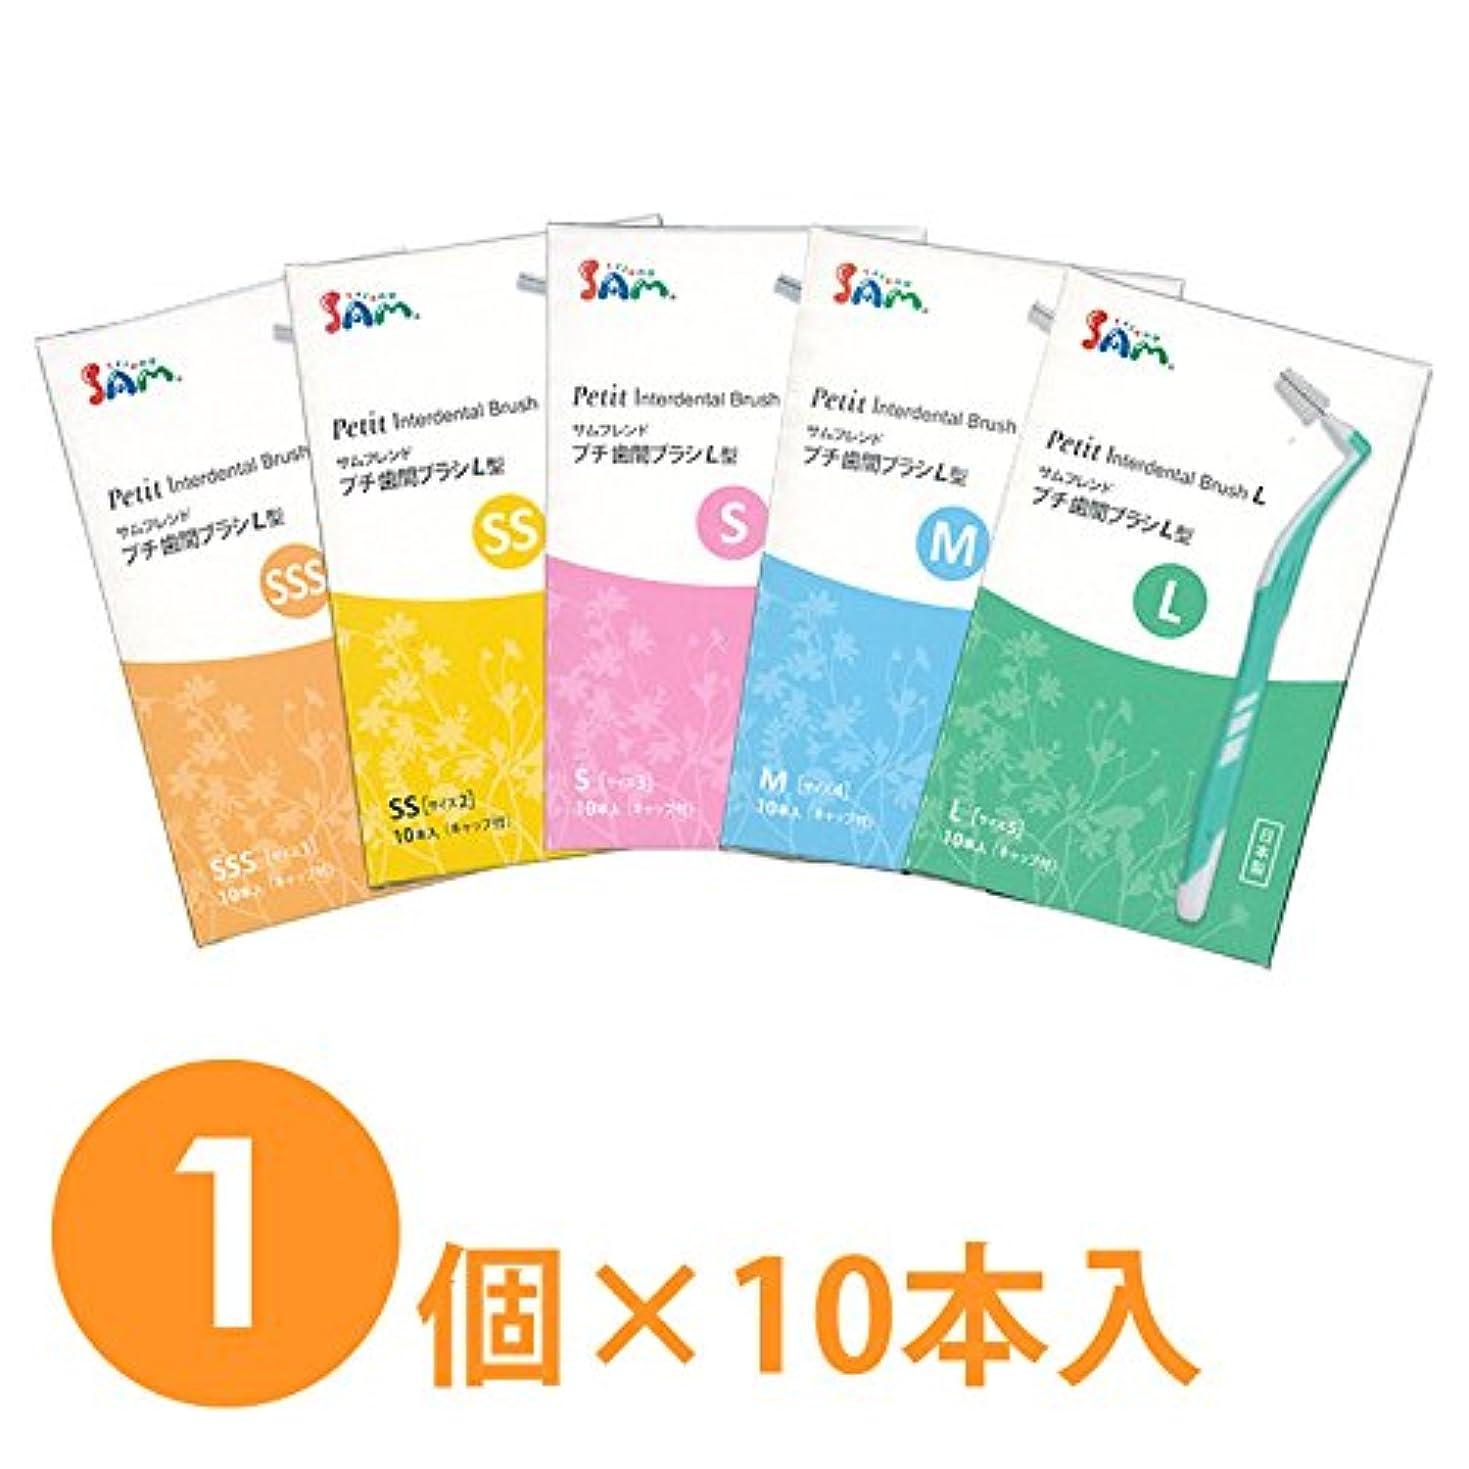 【1個】サンデンタル サムフレンド プチ歯間ブラシL型 10本入り (M(4)ブルー)